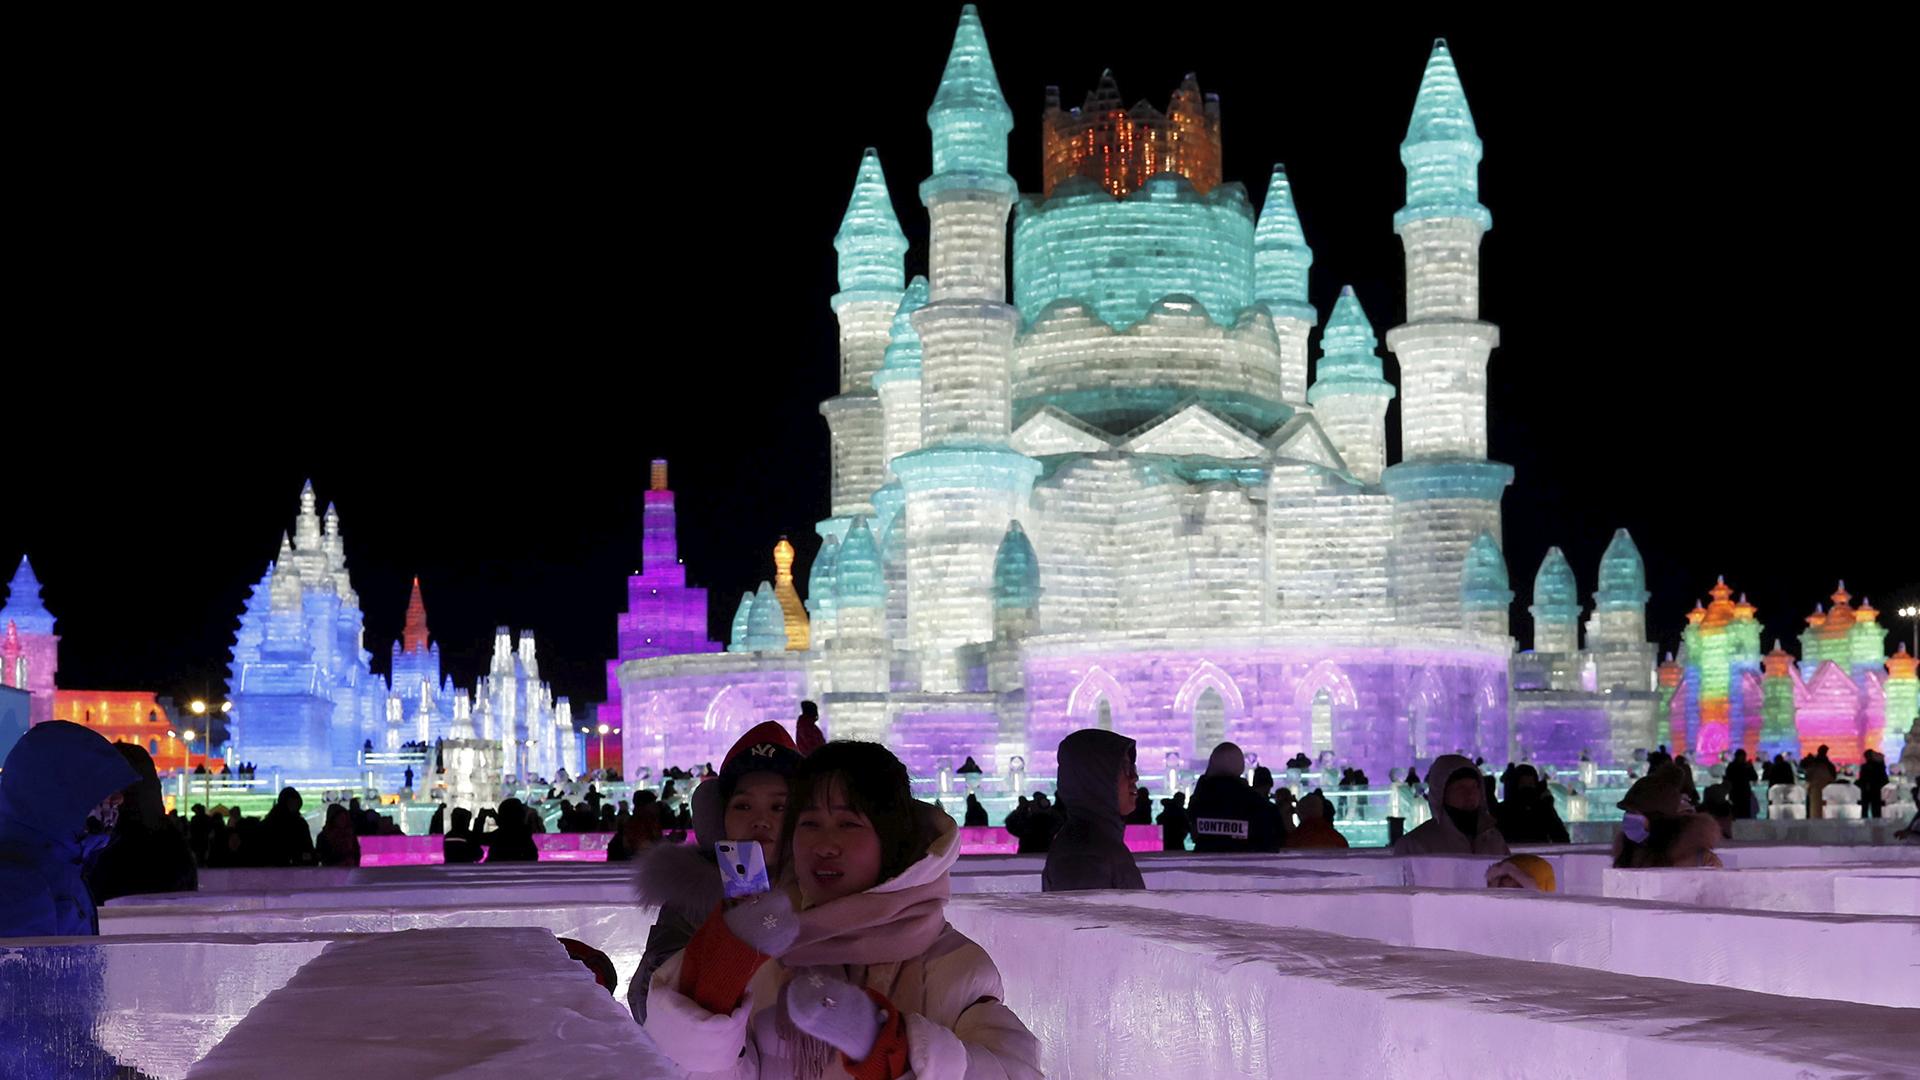 Una madre y su hija podan para una foto en frente de un castillo de hielo en Harbin